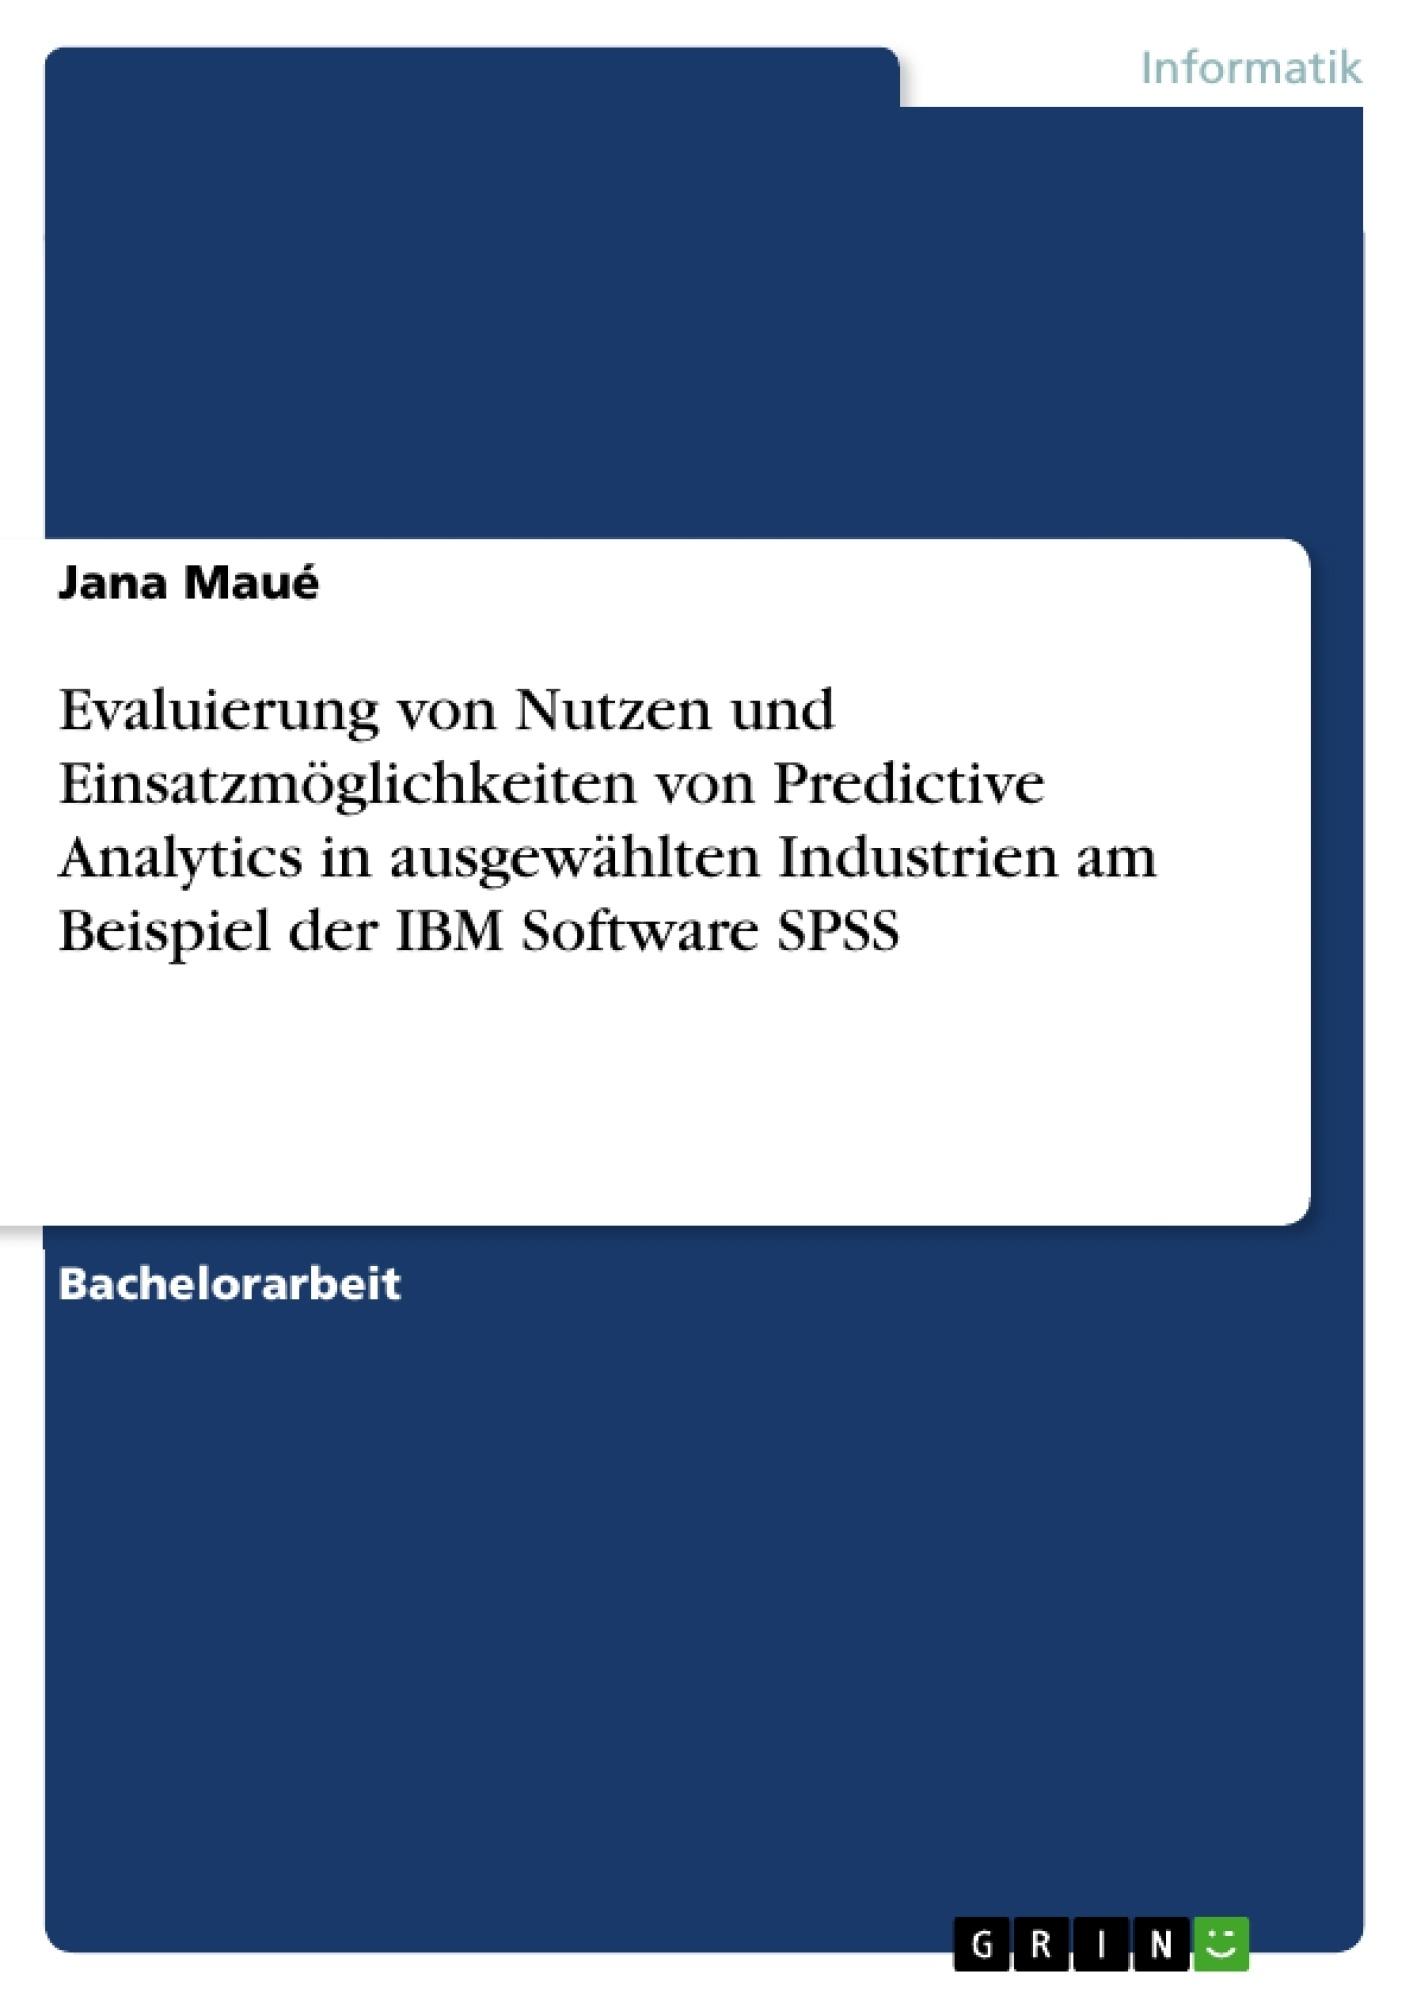 Titel: Evaluierung von Nutzen und Einsatzmöglichkeiten von Predictive Analytics in ausgewählten Industrien am Beispiel der IBM Software SPSS